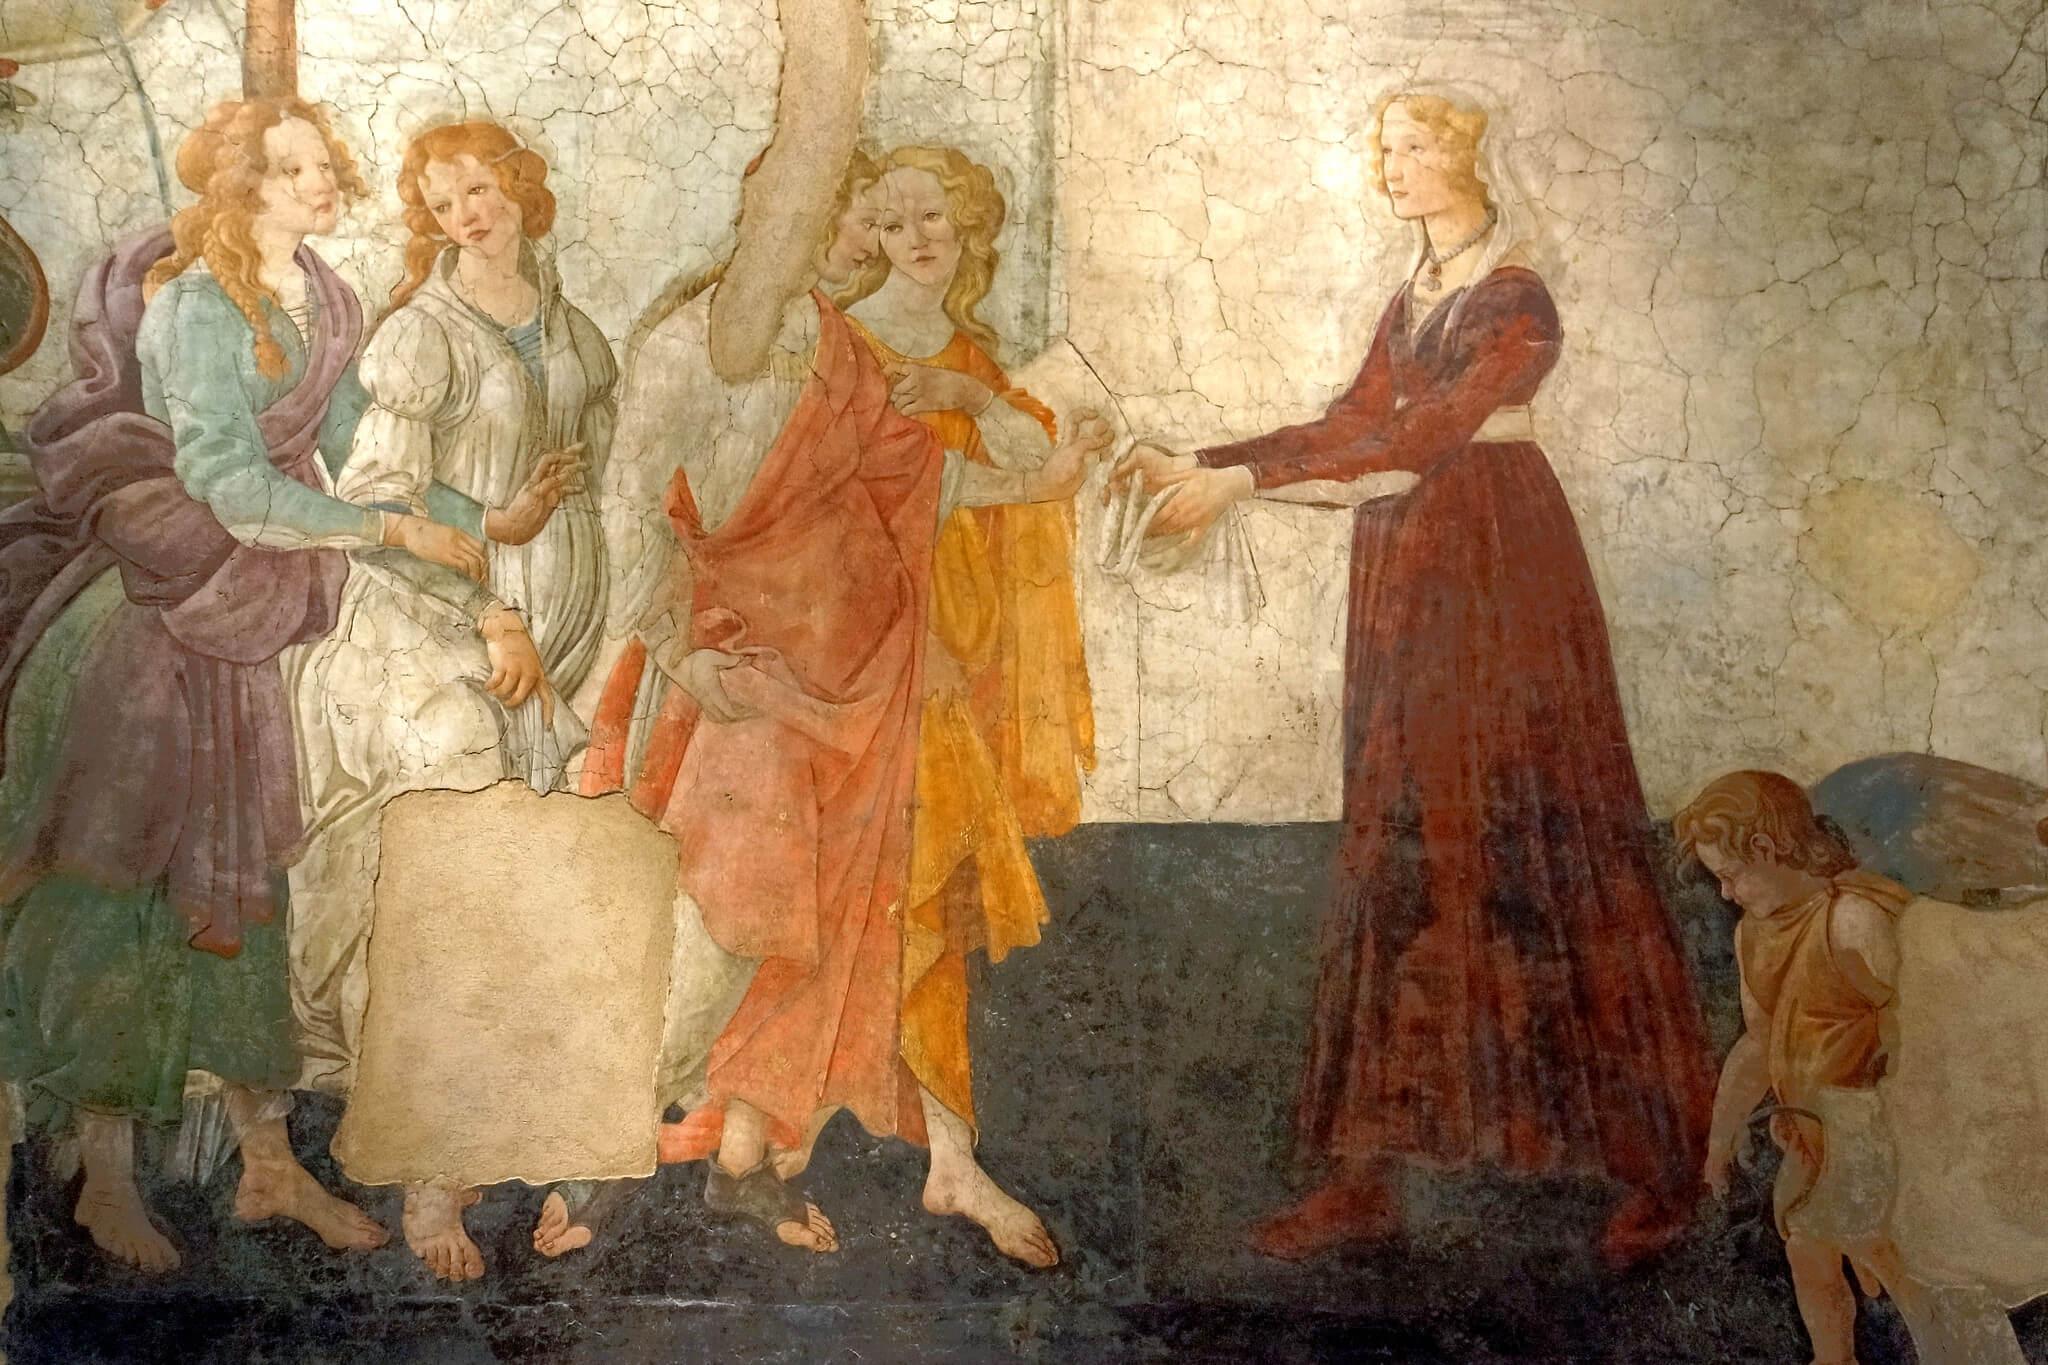 Se cree que Domenico Ghirlandaio pintó a Giovanna Tornabuoni en varias de sus obras.